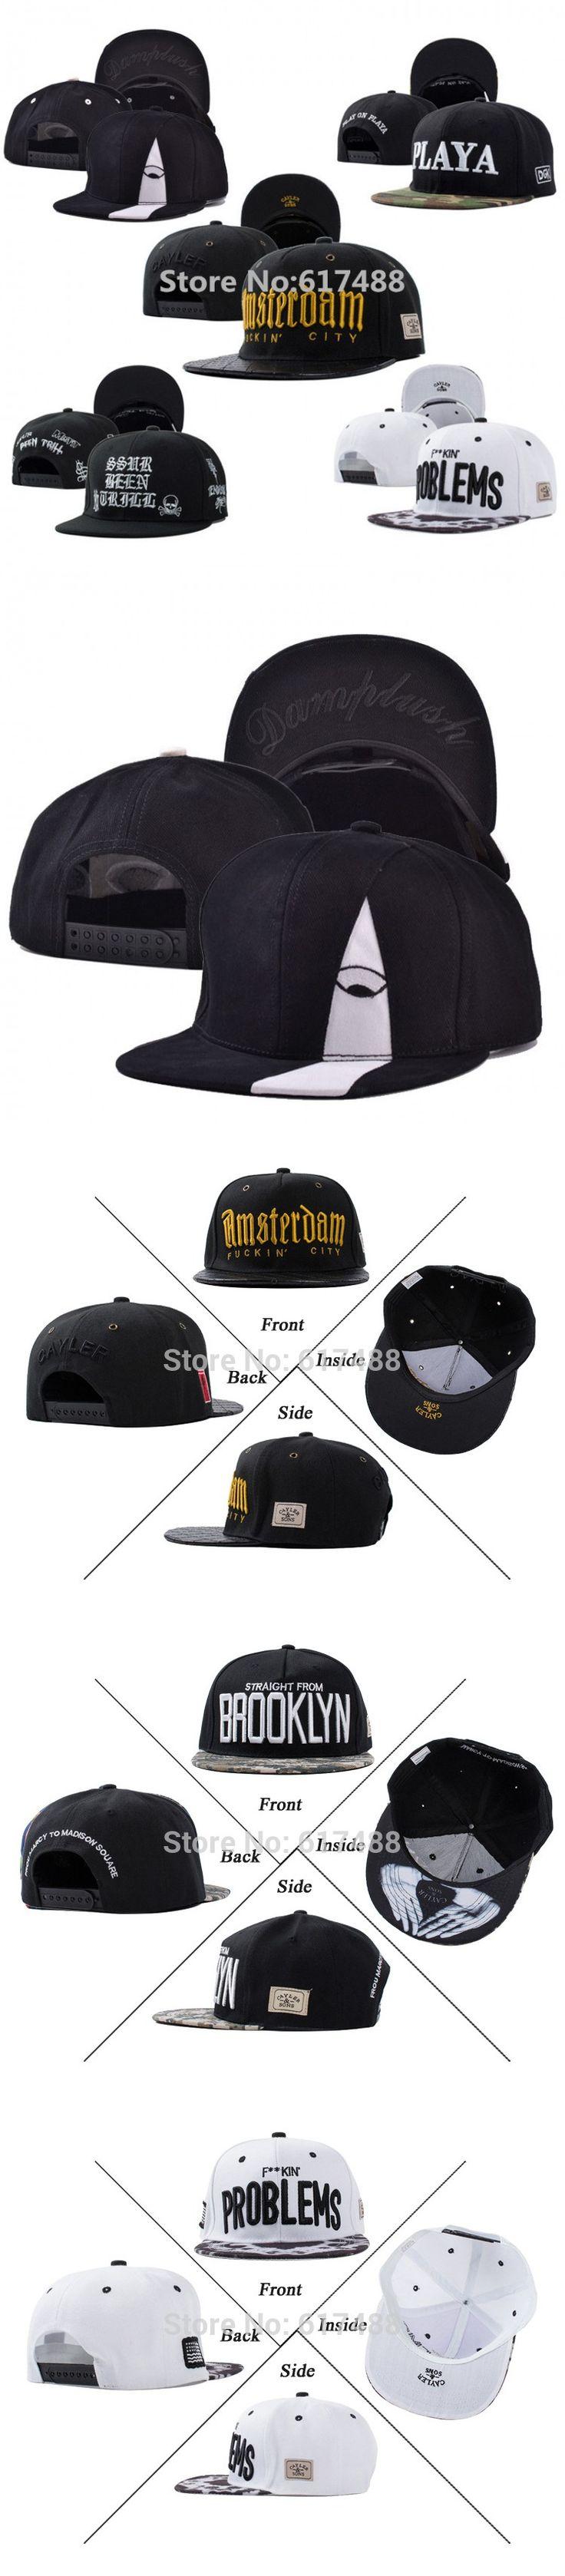 New Fashion 2015 Gorras Snapbacks Caps Skull Letter Cayler Sons Hip Hop Cap Baseball Caps Skateboard Hats Casquette Men Women $8.8